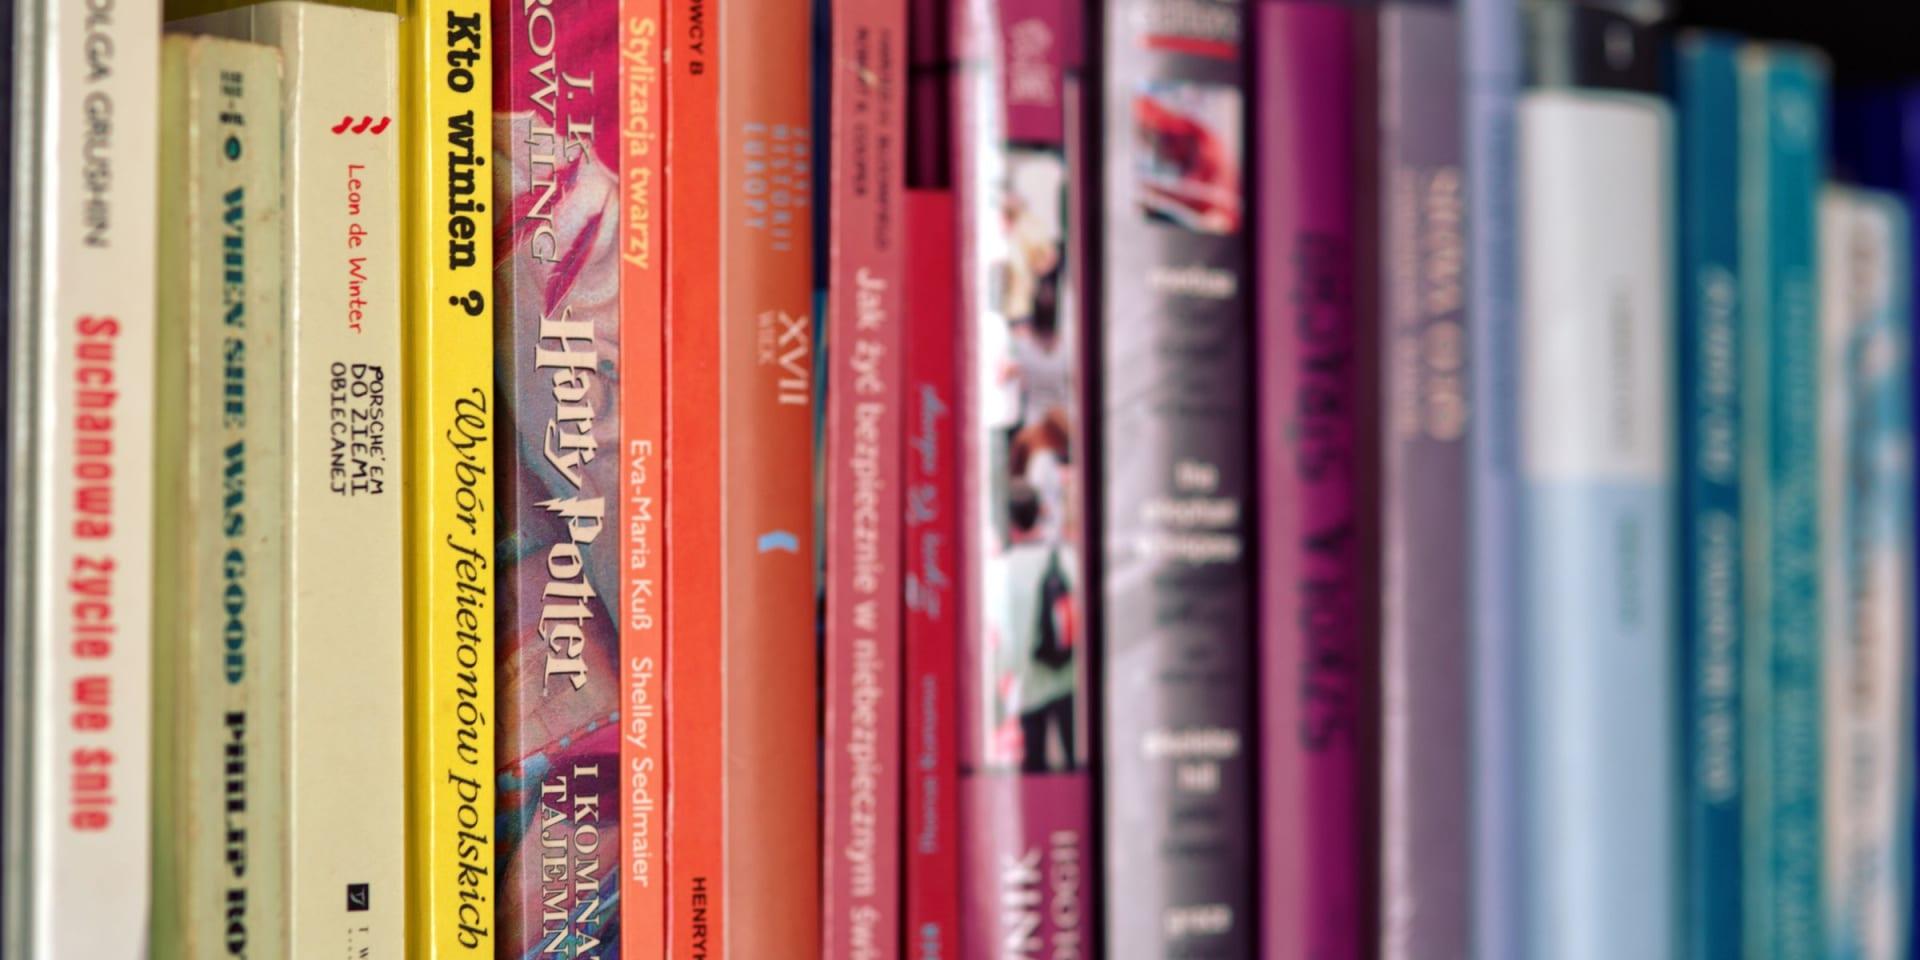 Libros recomendados de Desarrollo Personal